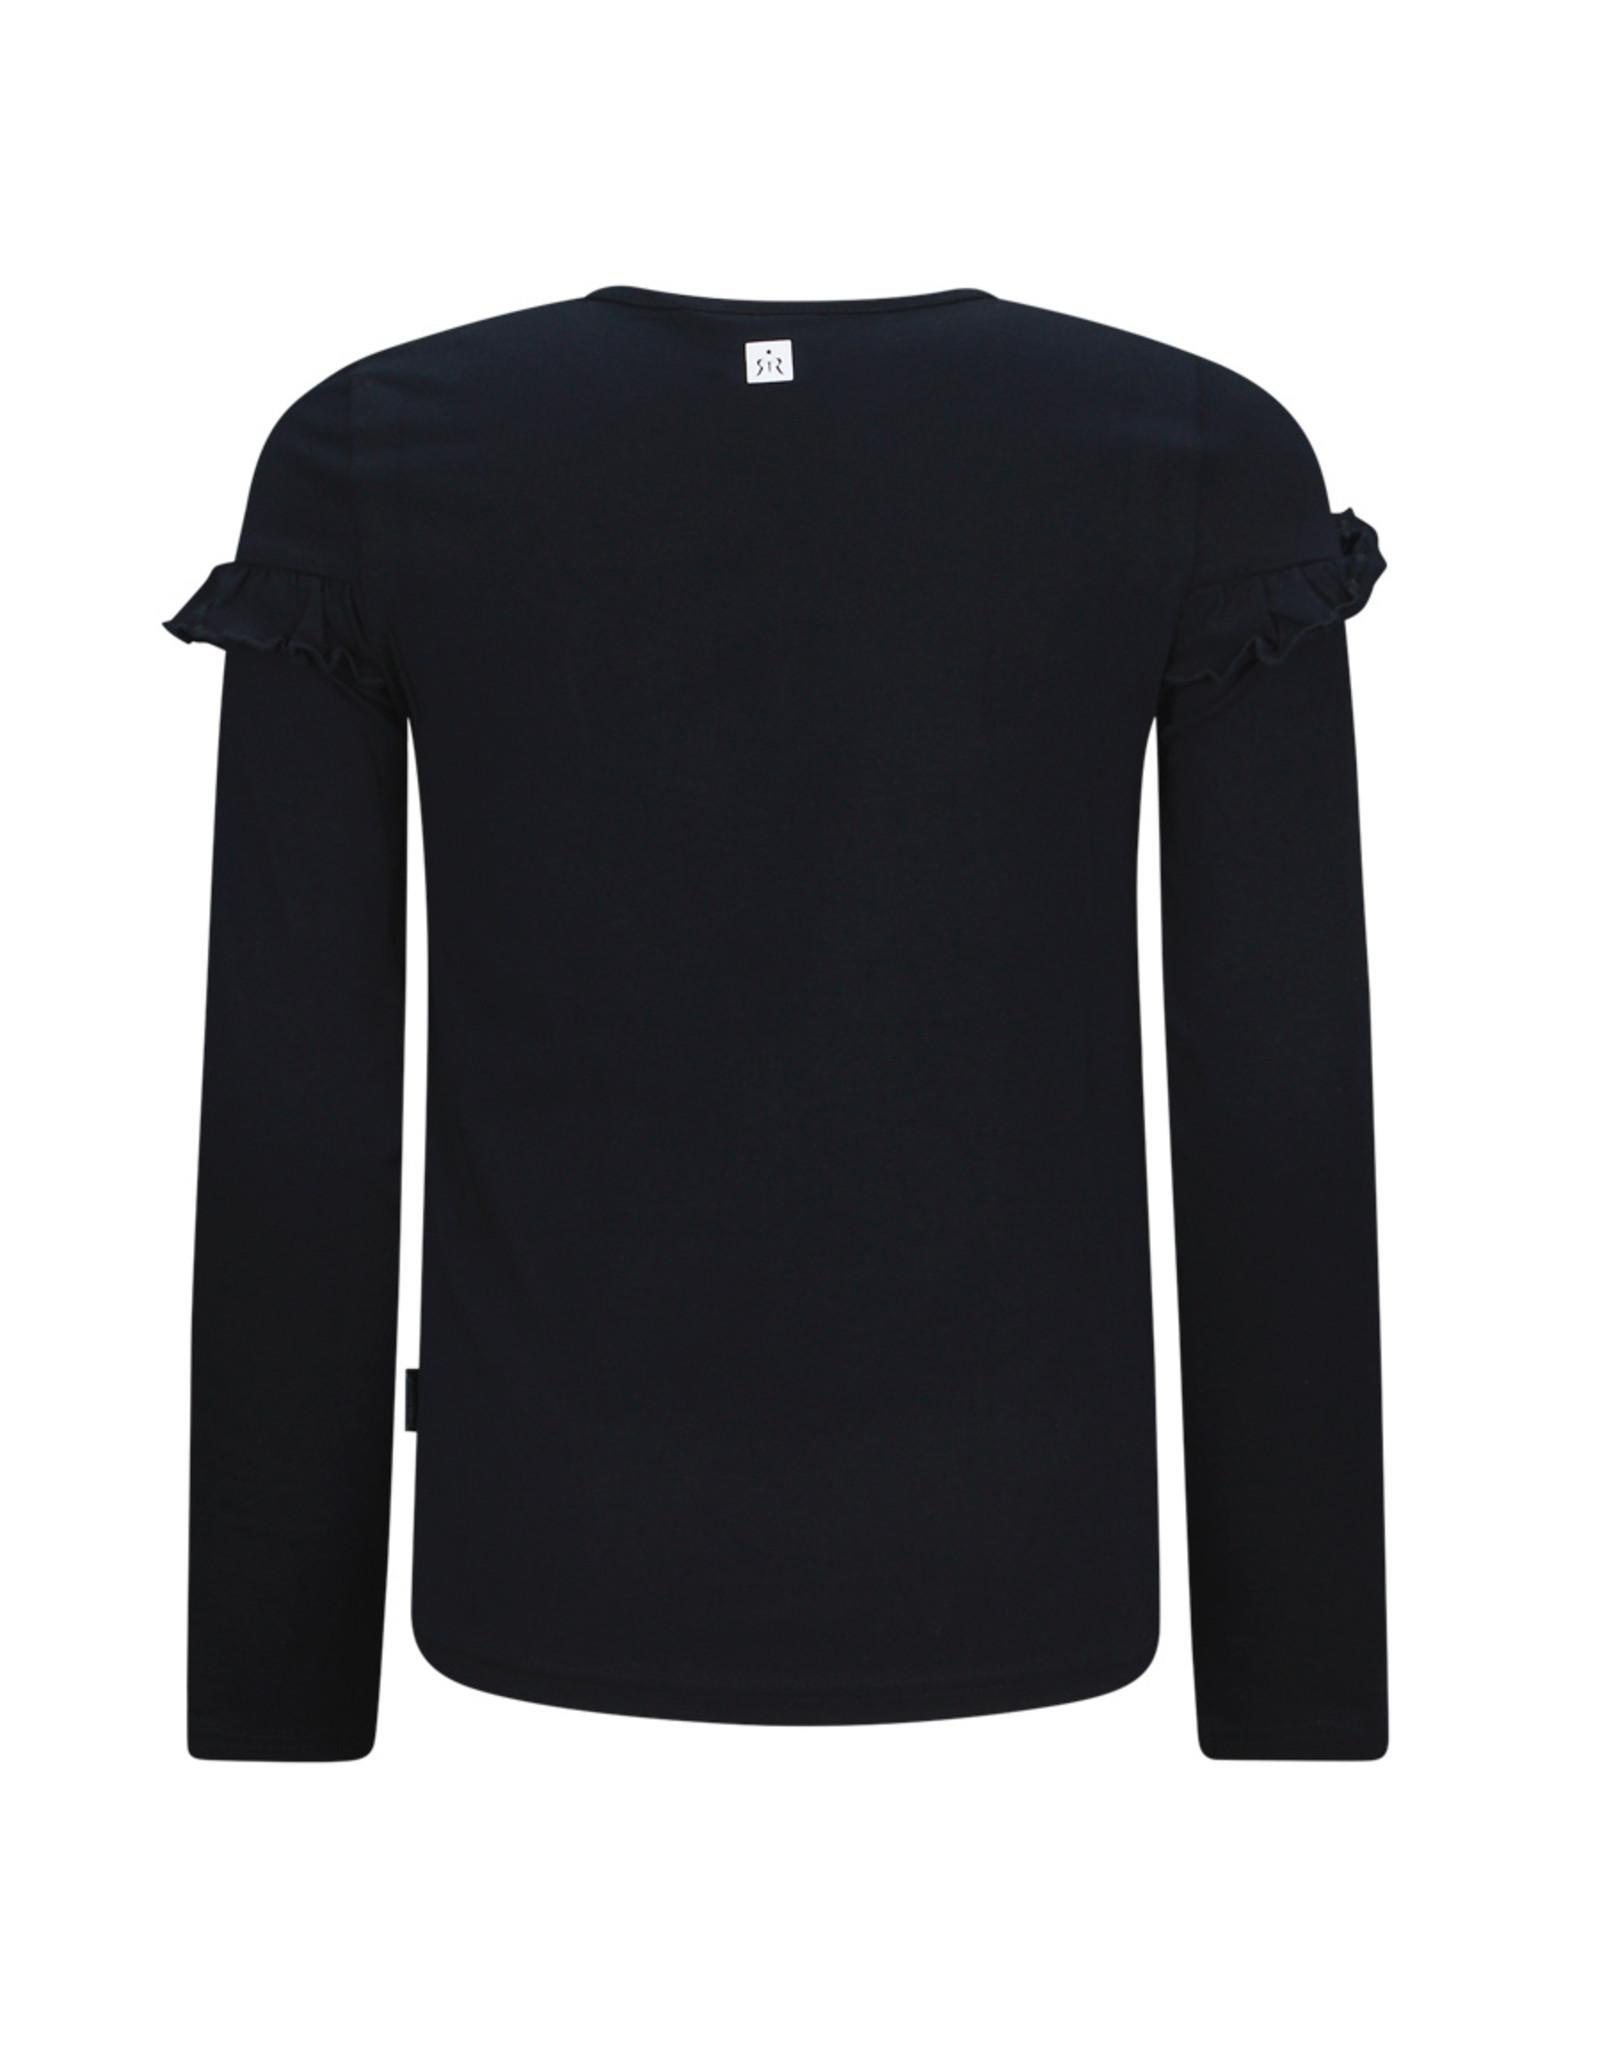 Retour Jeans Girls Kysha T-Shirts Black